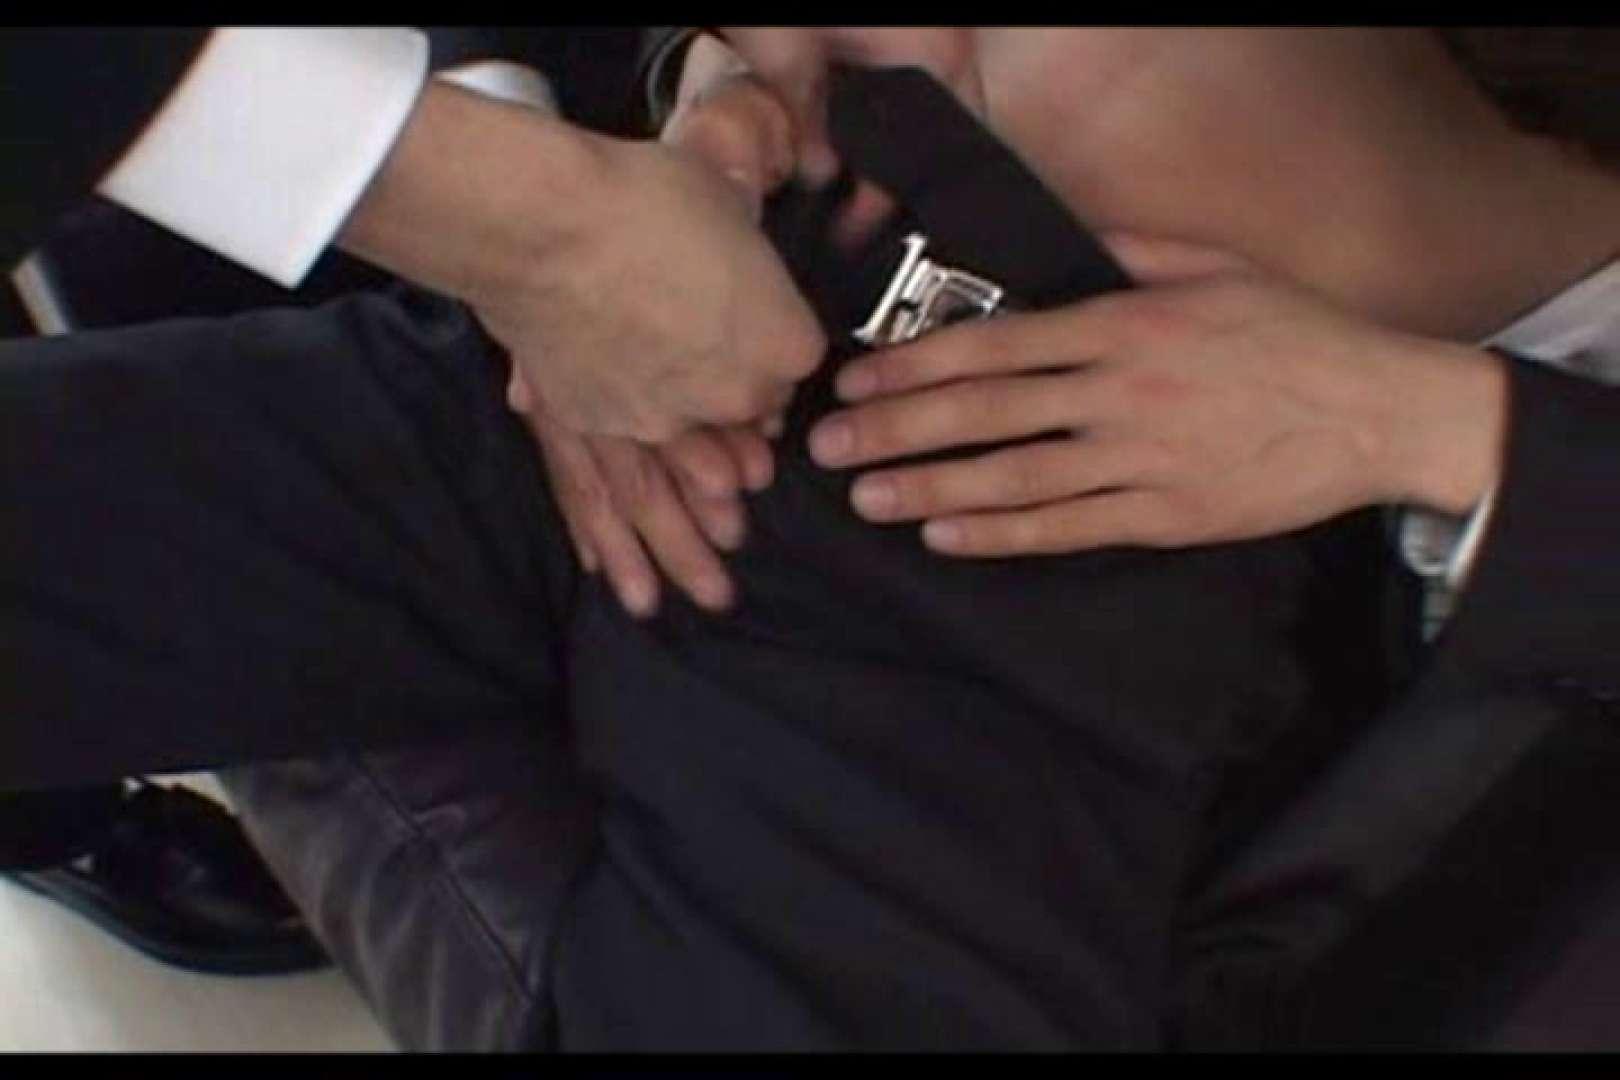 イケメン・・・アグレッシブ危険ファイルNo.01 ガチムチマッチョ系 | イケメンのsex  110pic 43